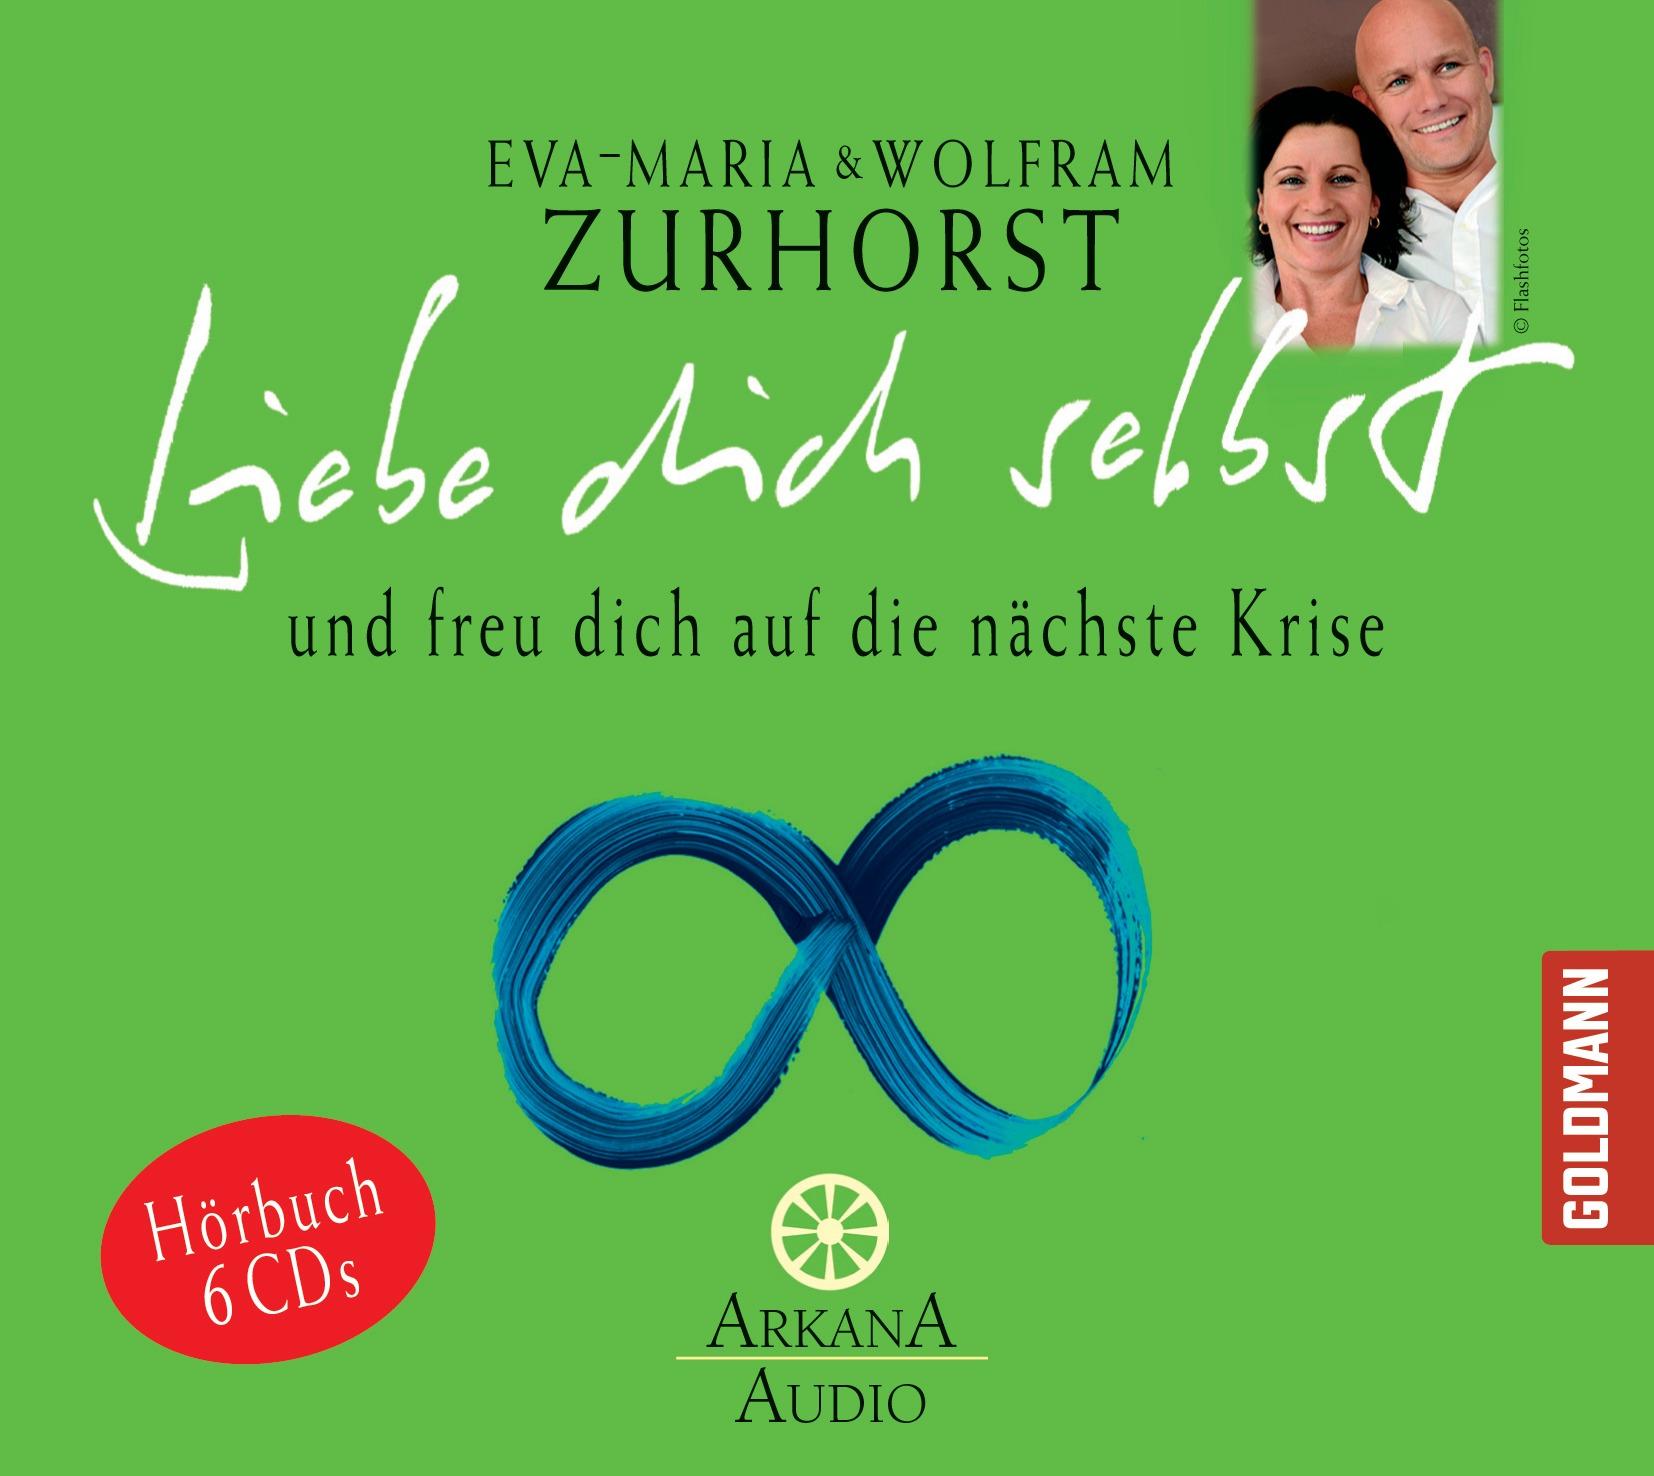 Liebe dich selbst und freu dich auf die nächste Krise - Eva-Maria Zurhorst [6 Audio CDs]